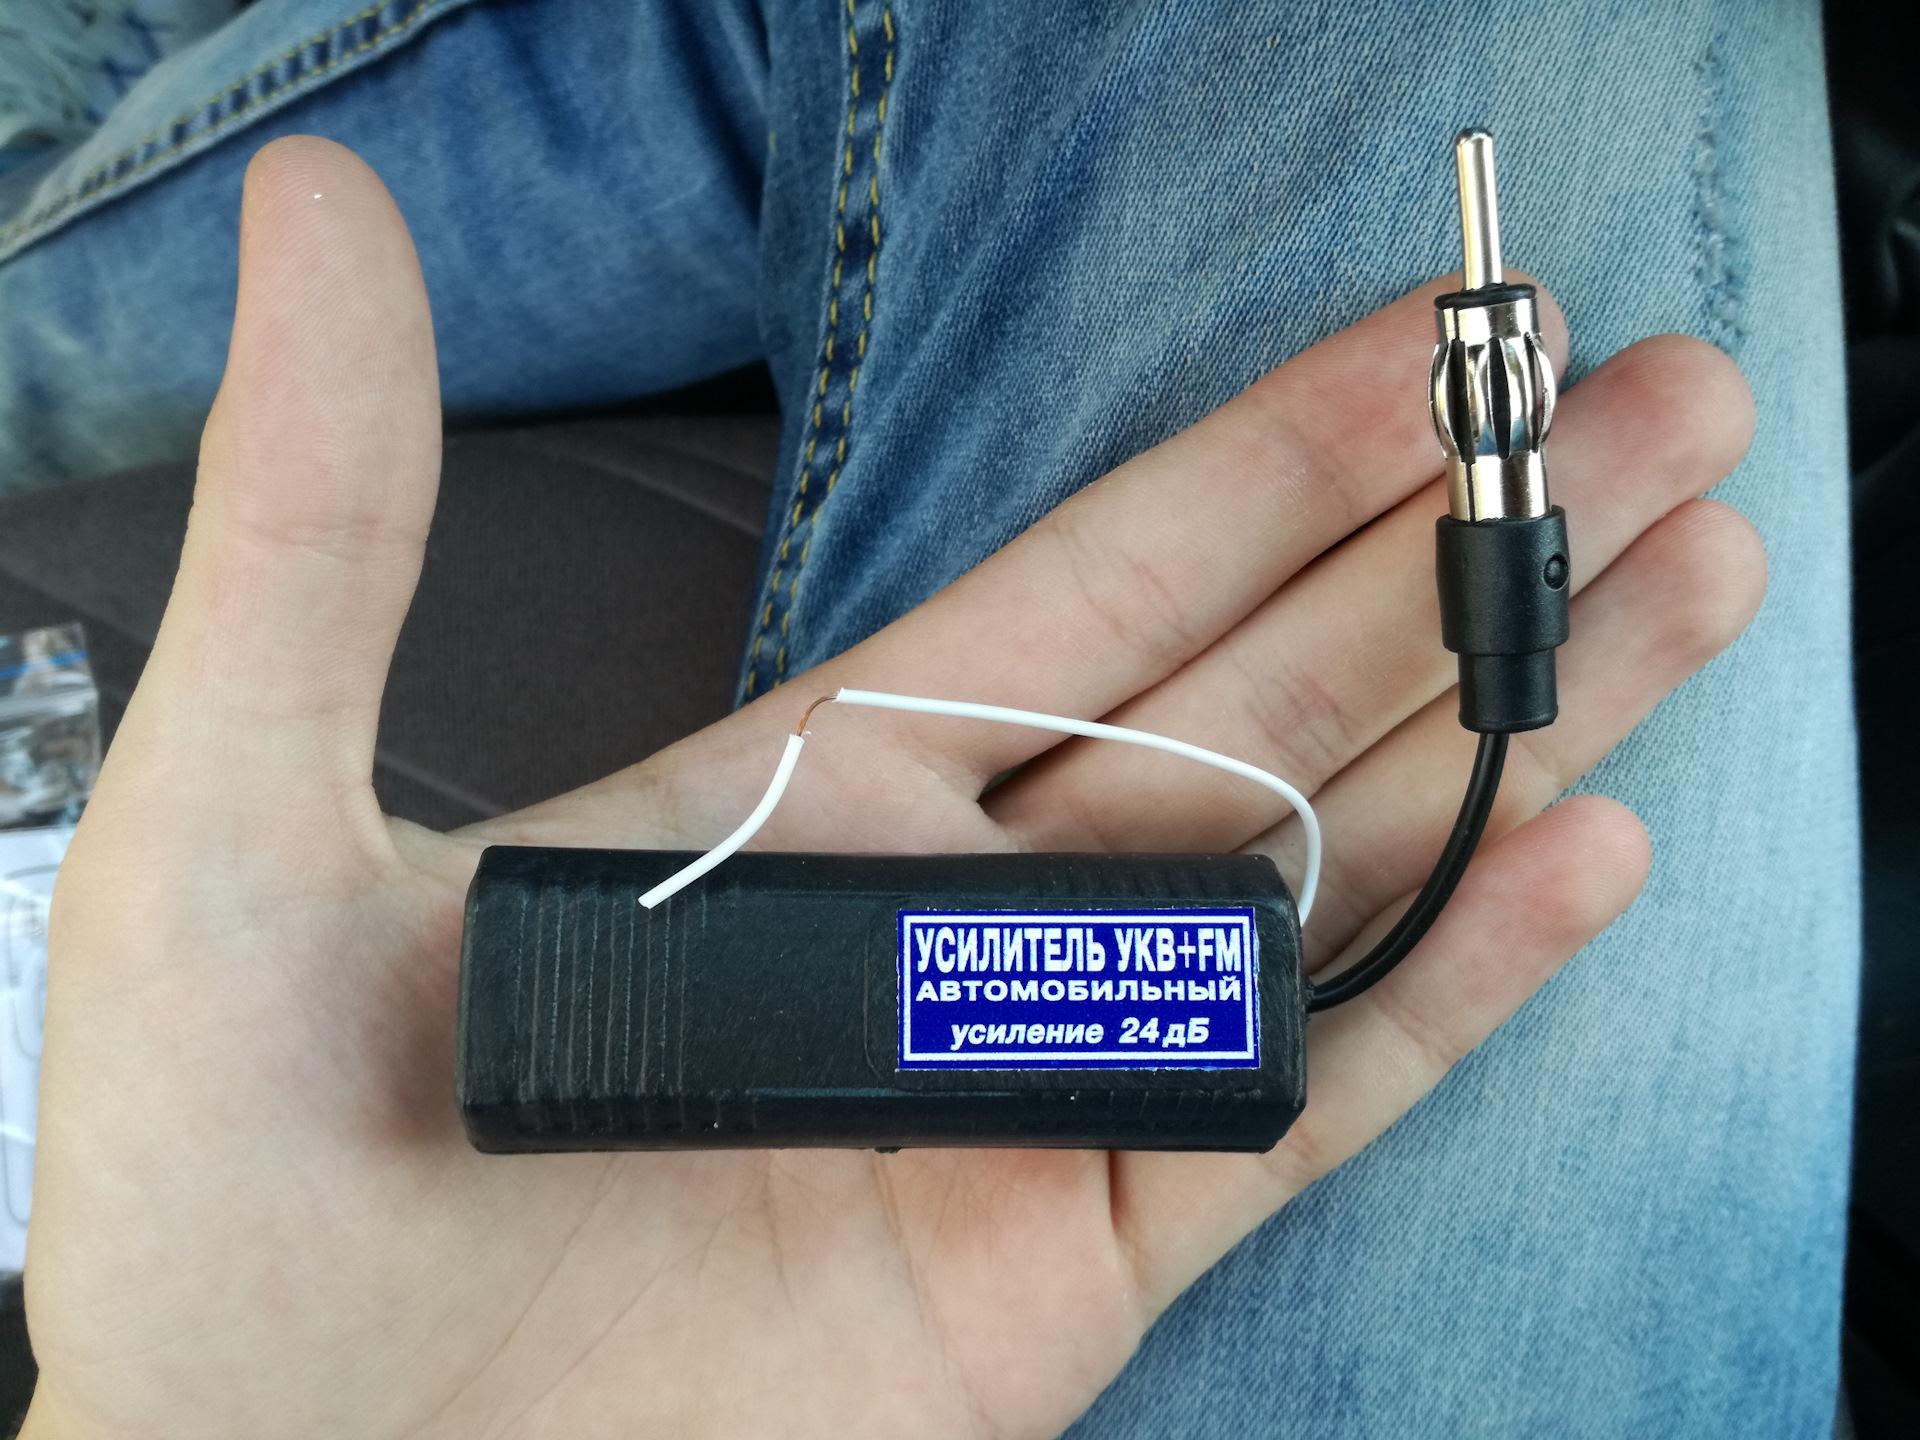 Gps антенна для автомагнитолы и ее установка